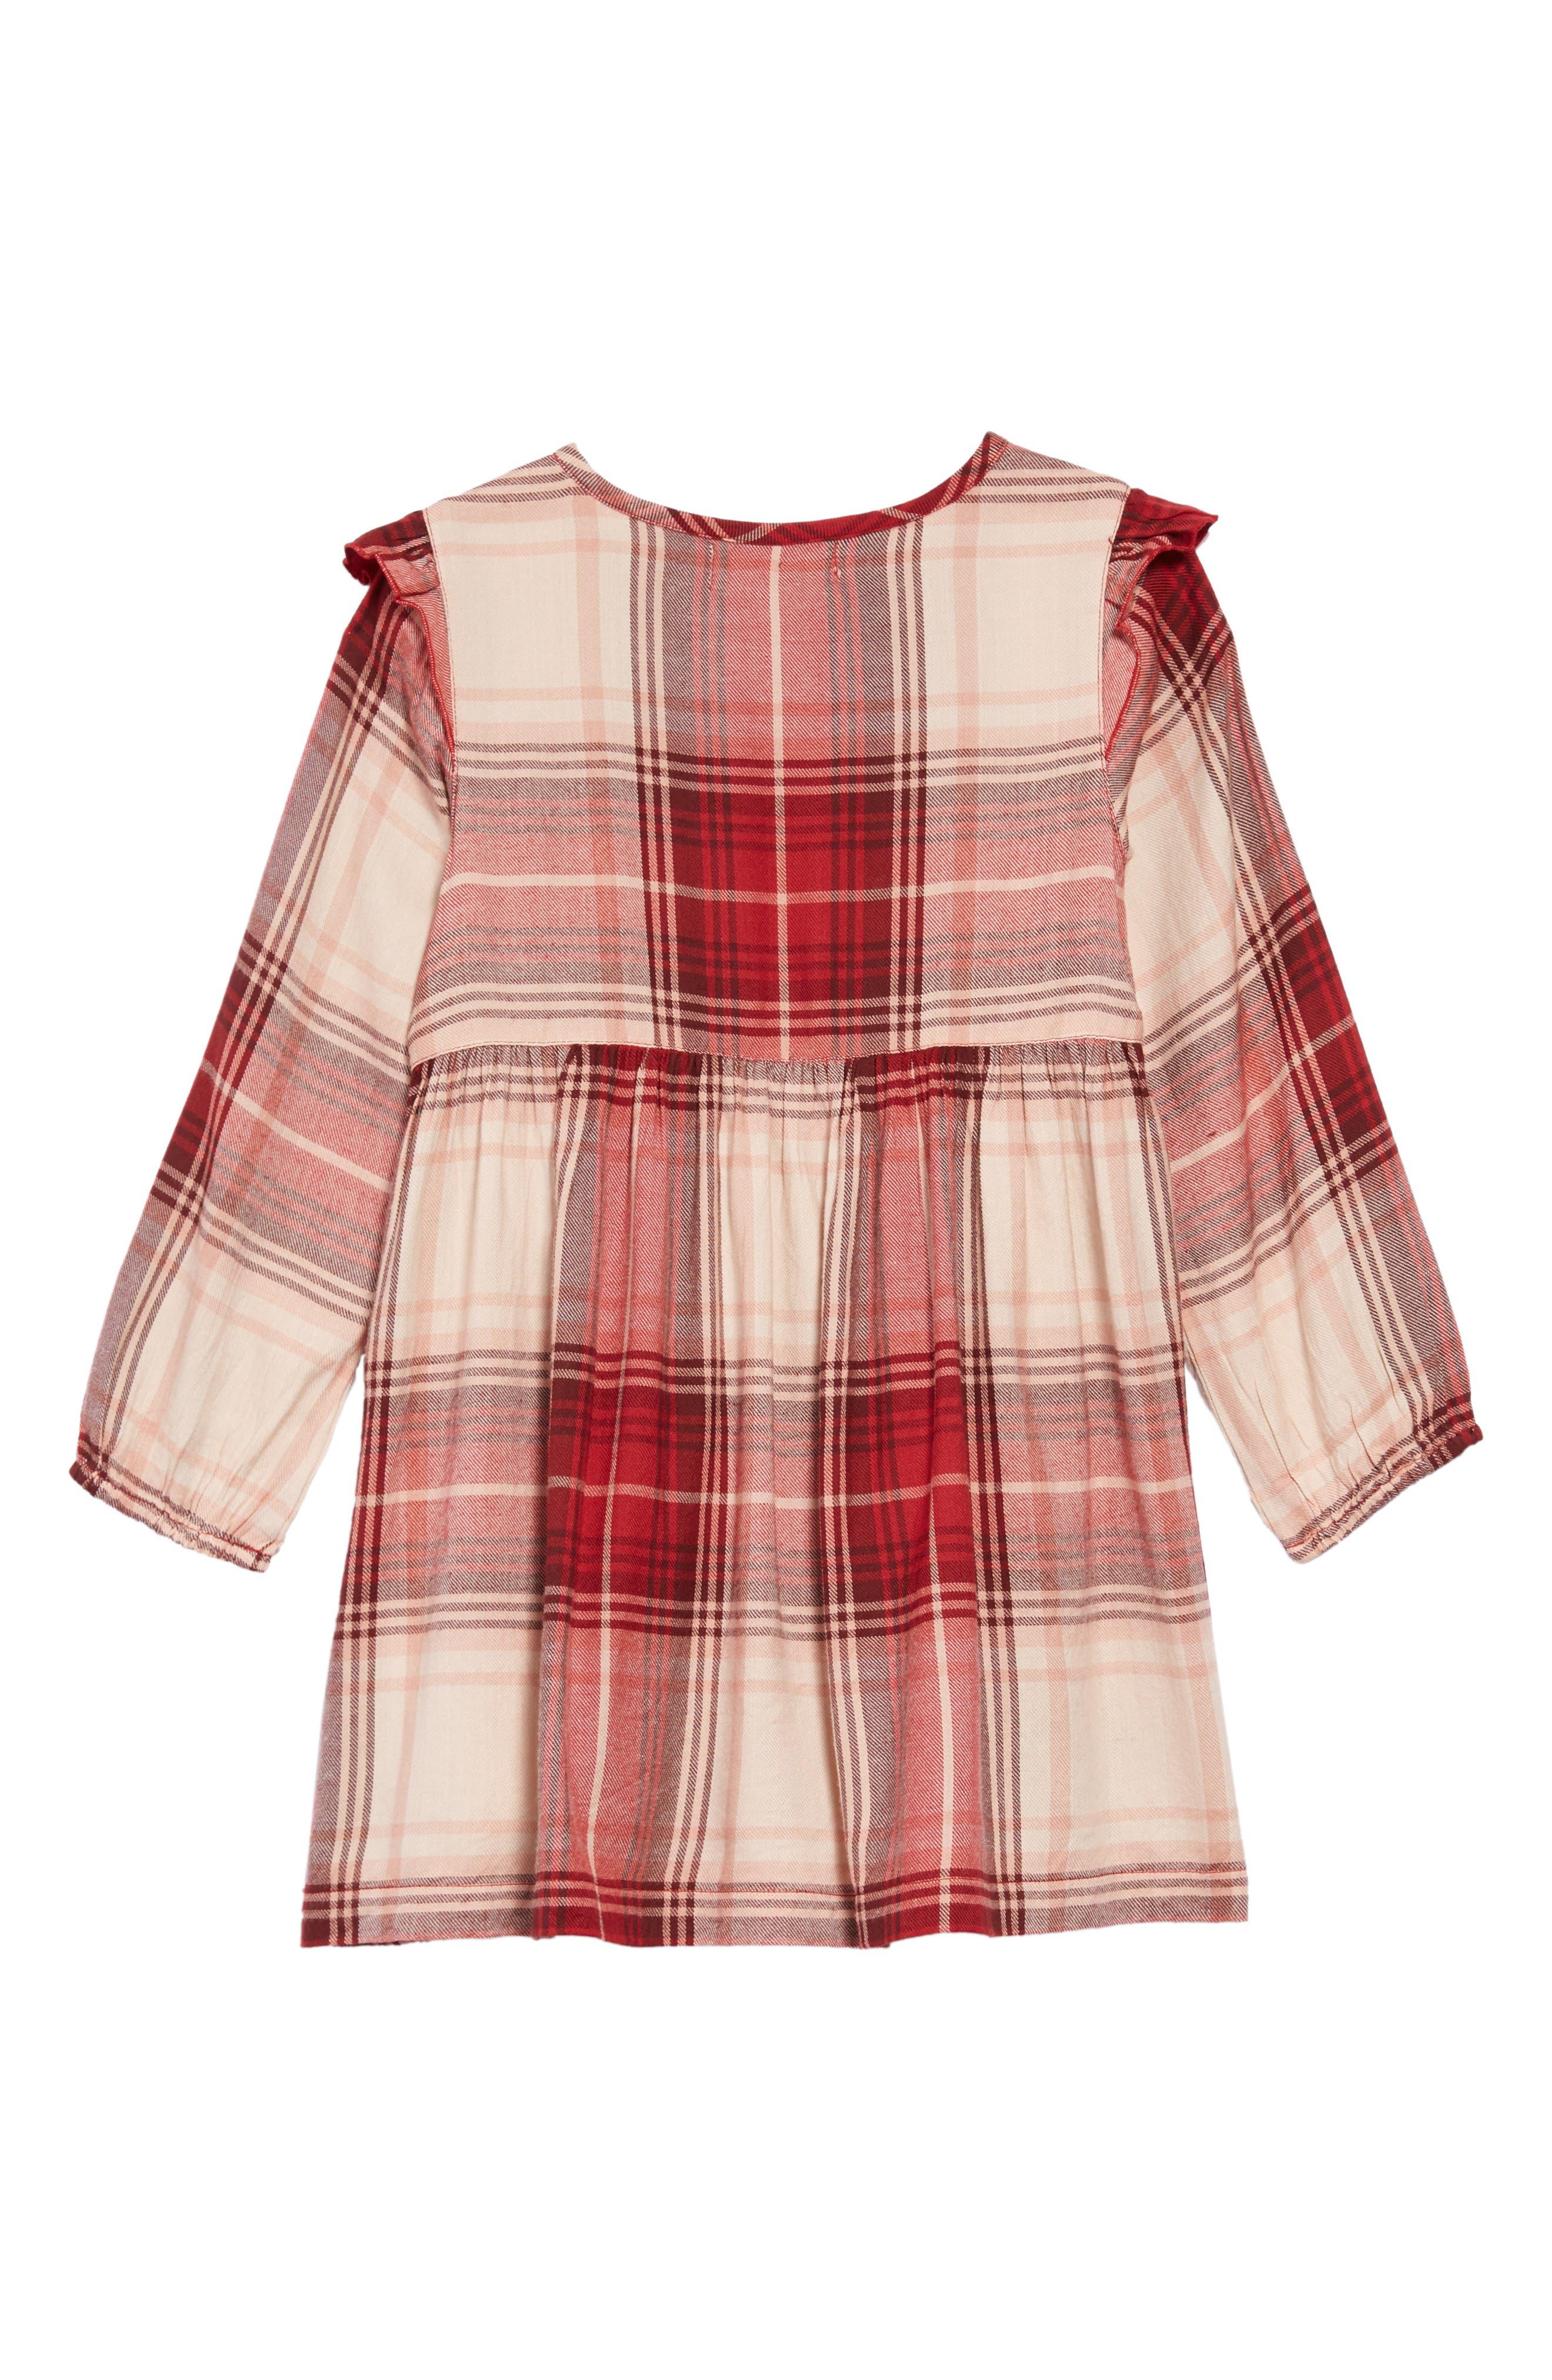 Natalie Plaid Dress,                             Alternate thumbnail 2, color,                             930